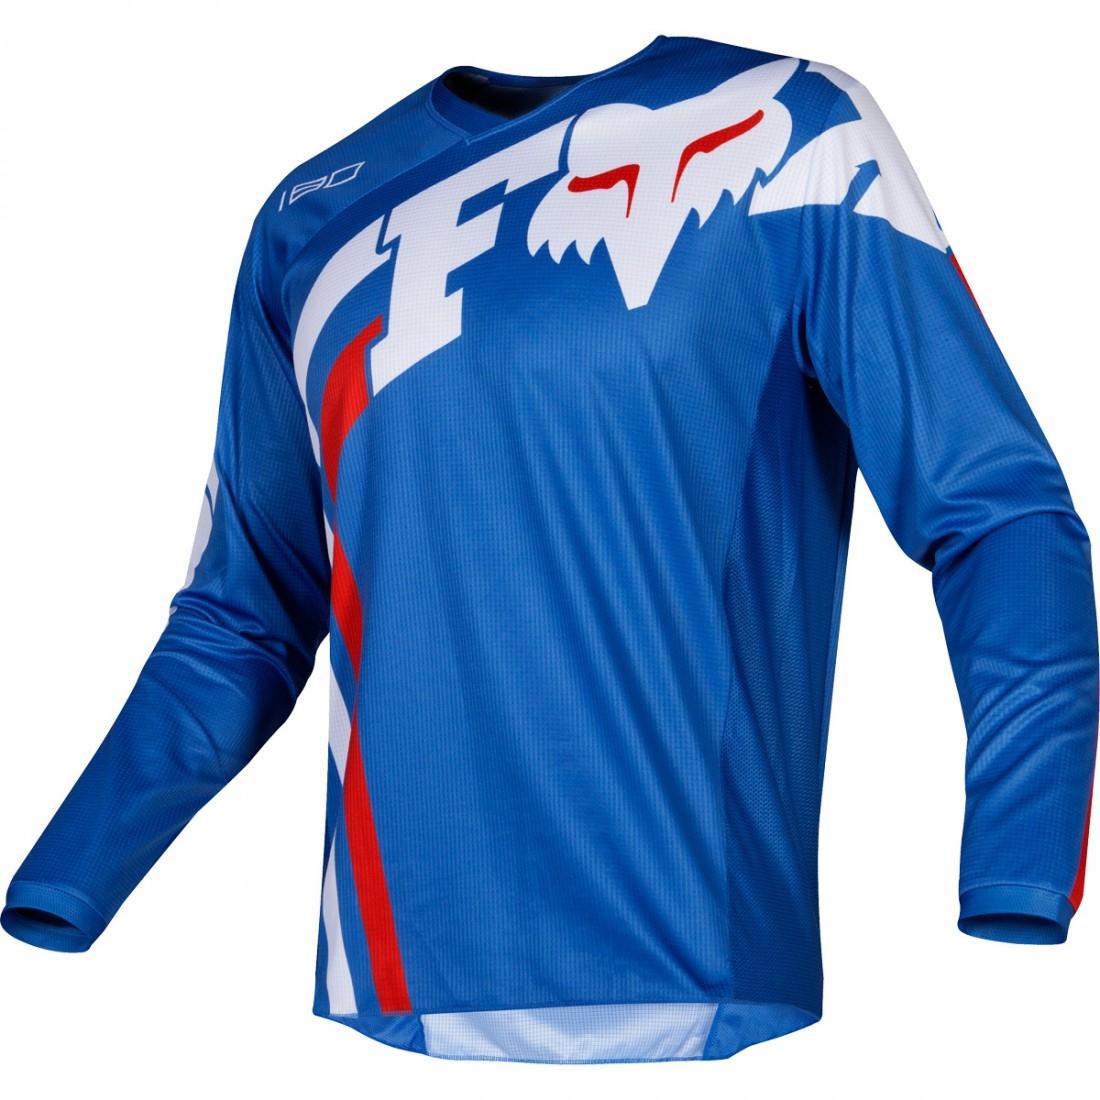 0a98d409a94ac Camiseta FOX 180 2019 Cota Blue · Motocard